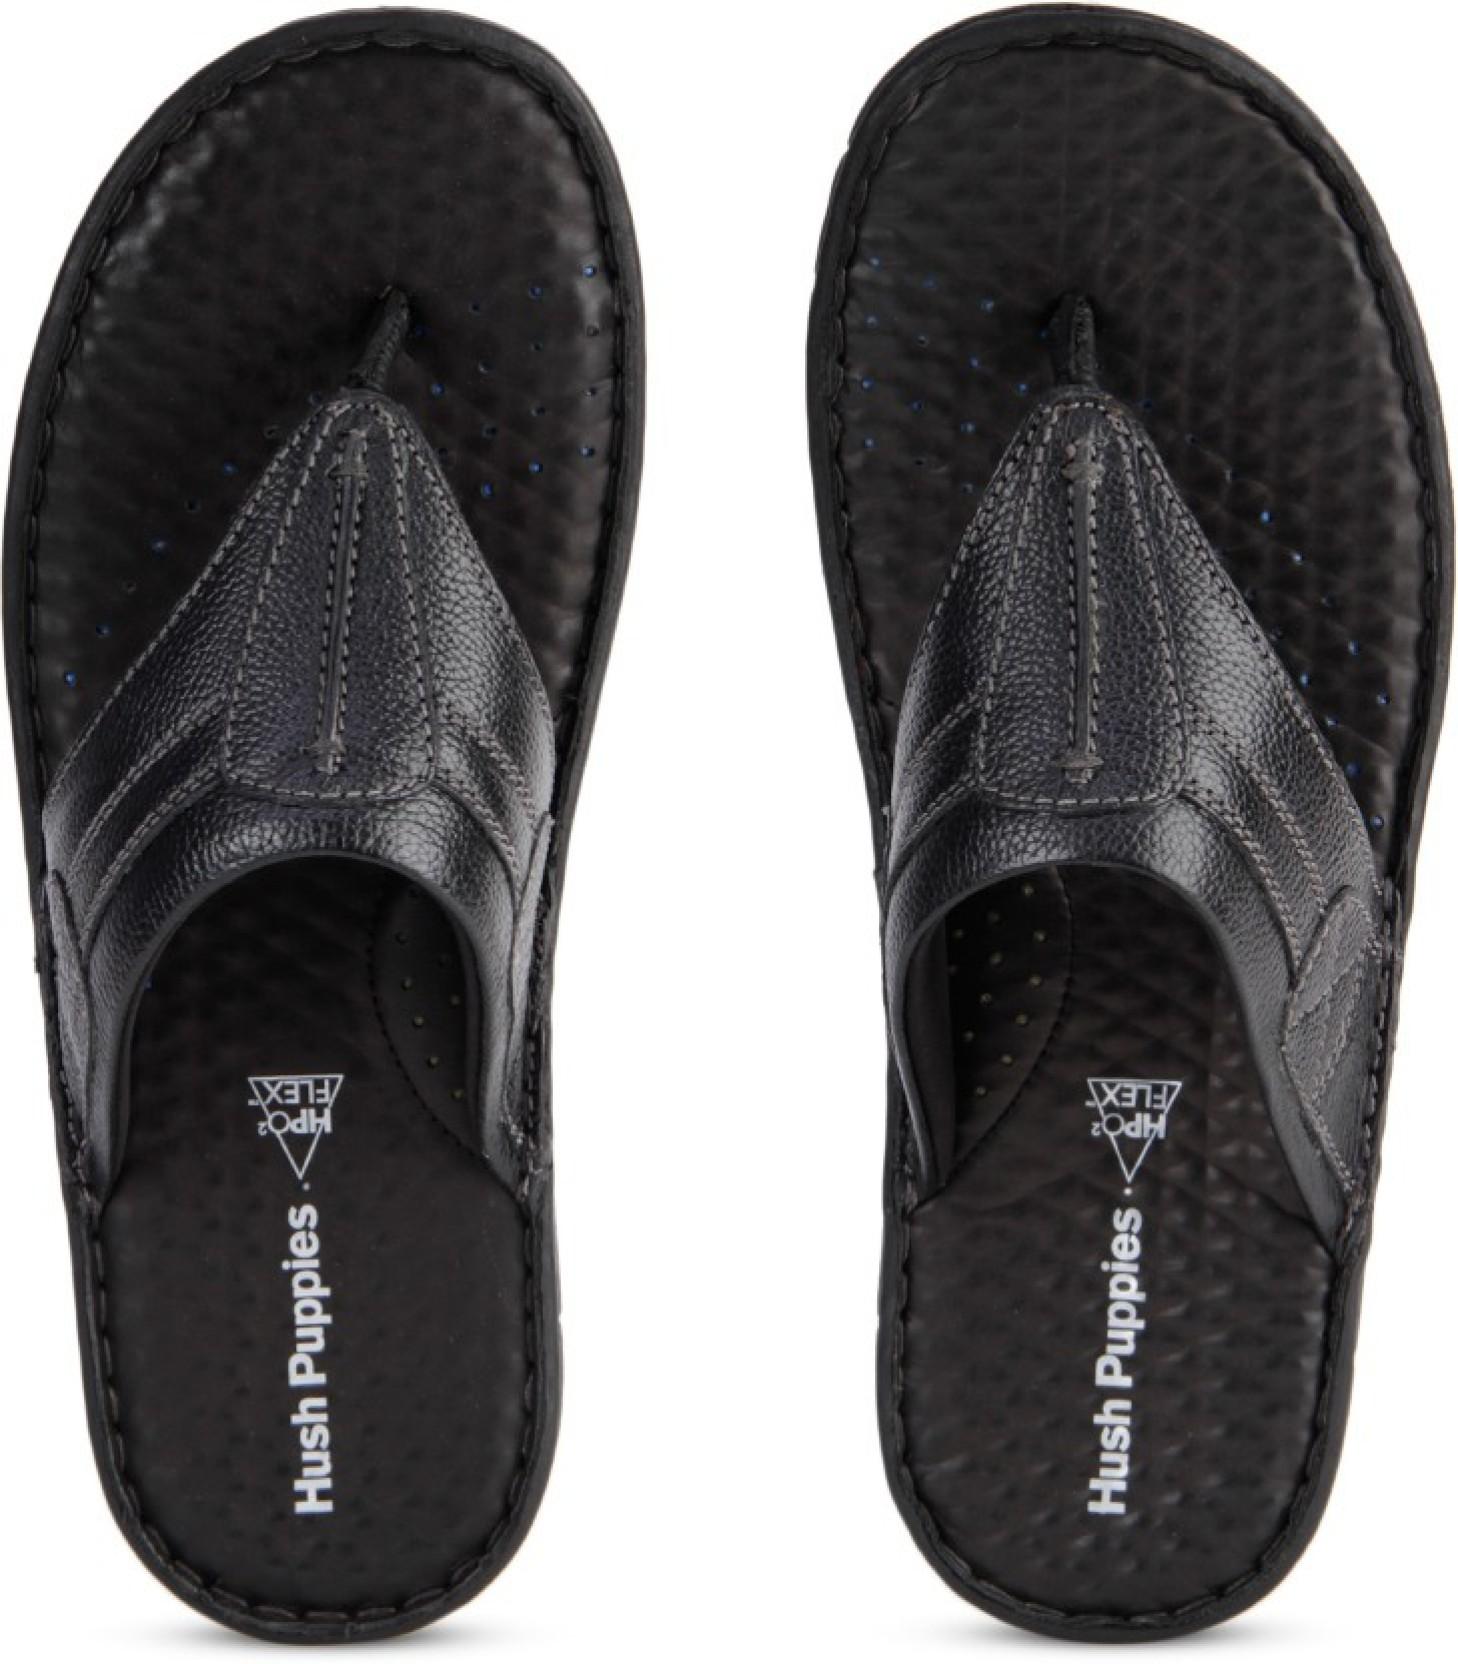 cfb275825023 Hush Puppies By Bata SEDAN THONG Slippers. Home · Footwear · Men s Footwear  · Slippers   Flip Flops